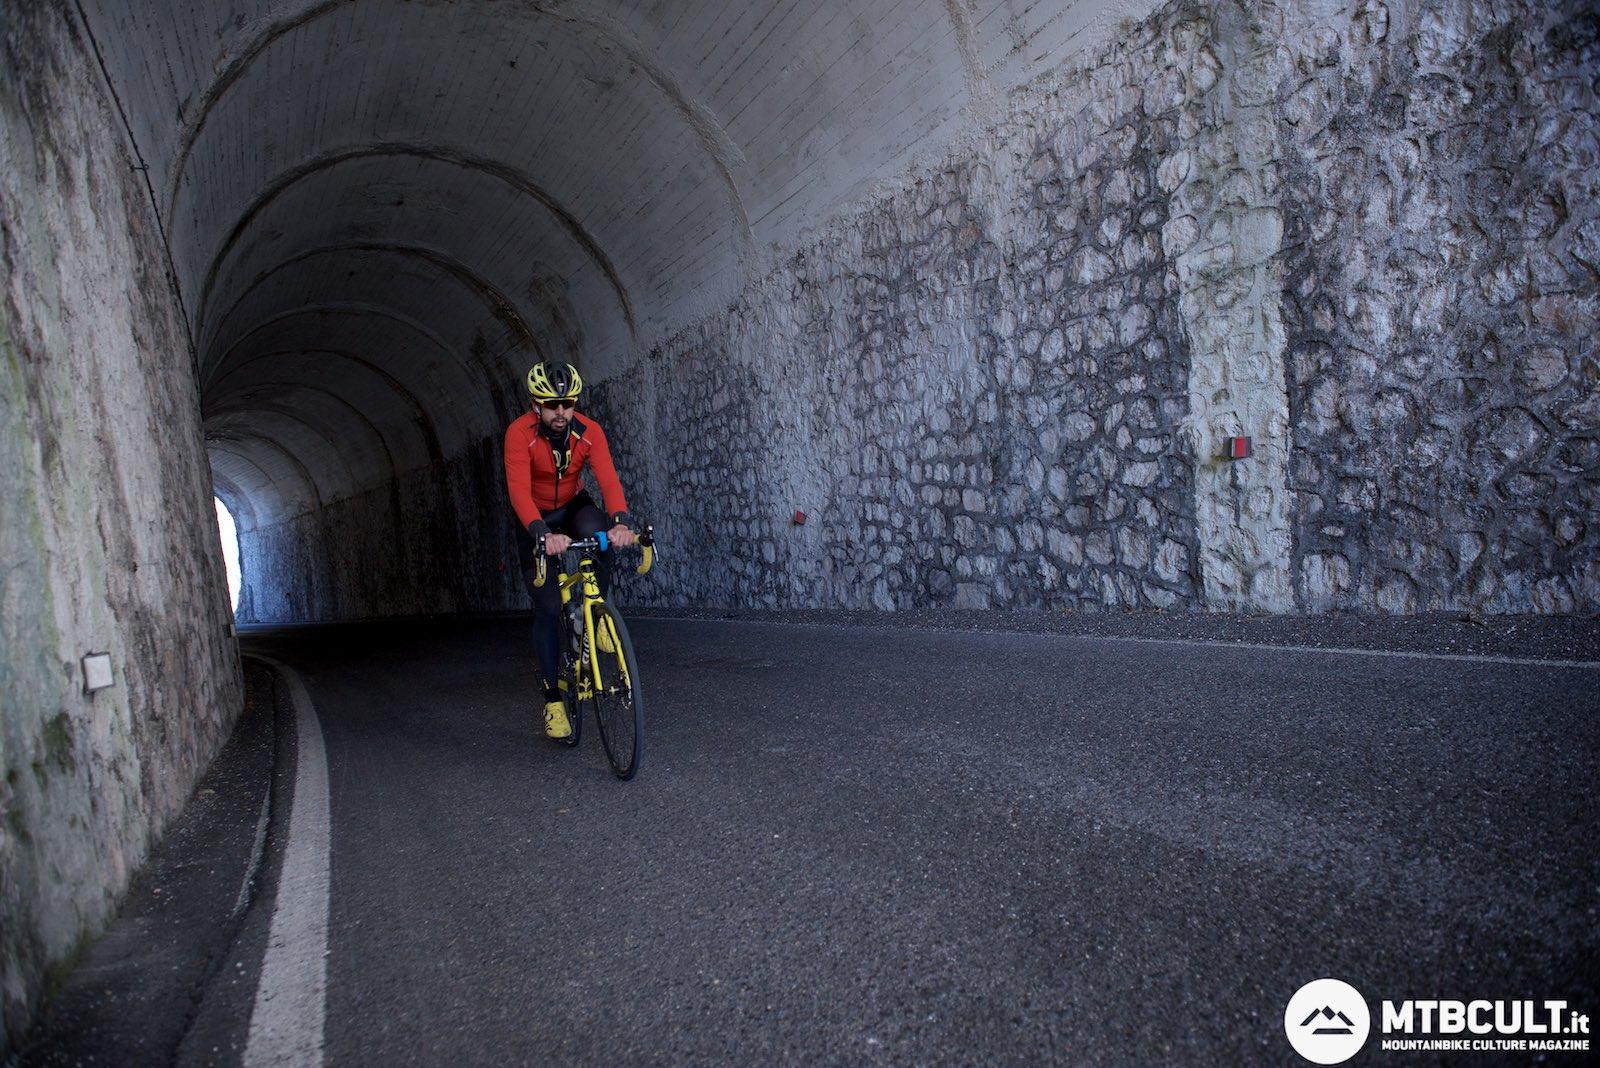 Il Freddo Quando Arriva uscire in bici con il freddo? ecco i consigli dell'esperto